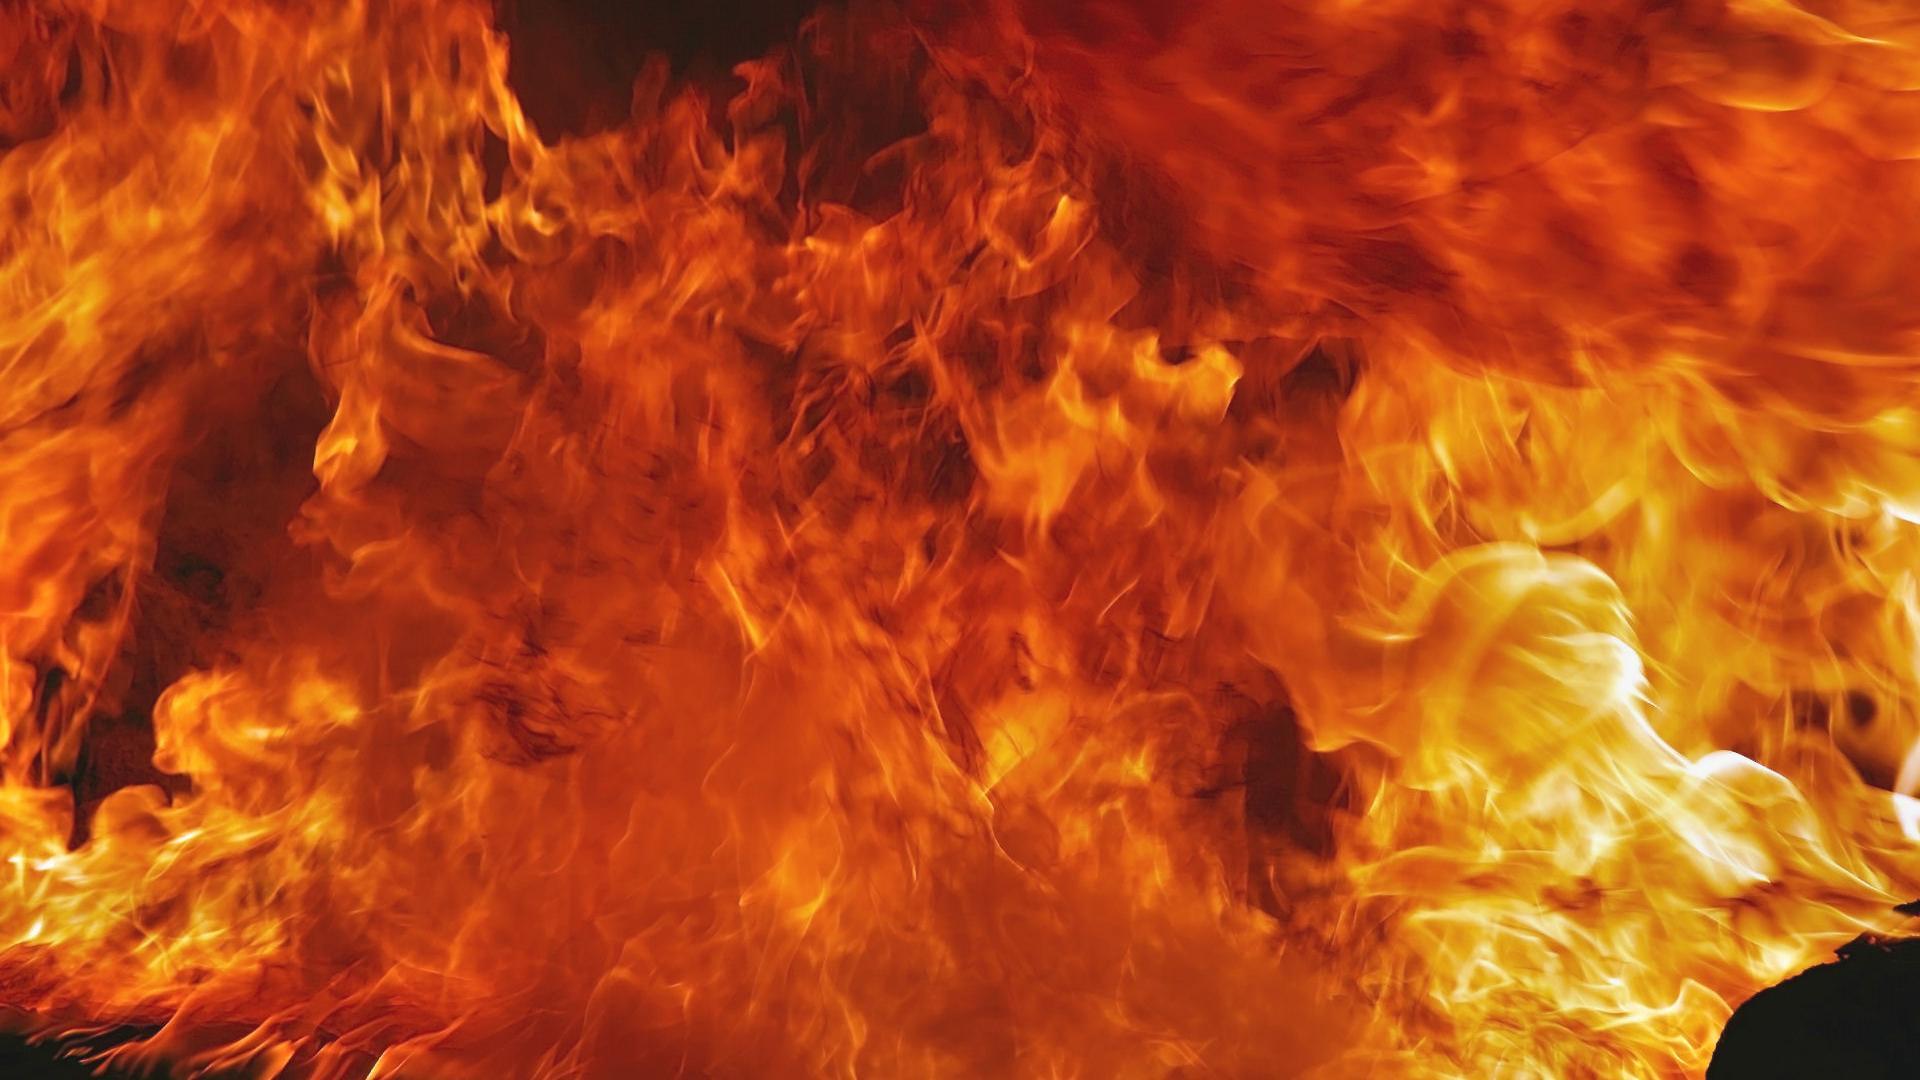 Fire HD 1920x1080 1920x1080